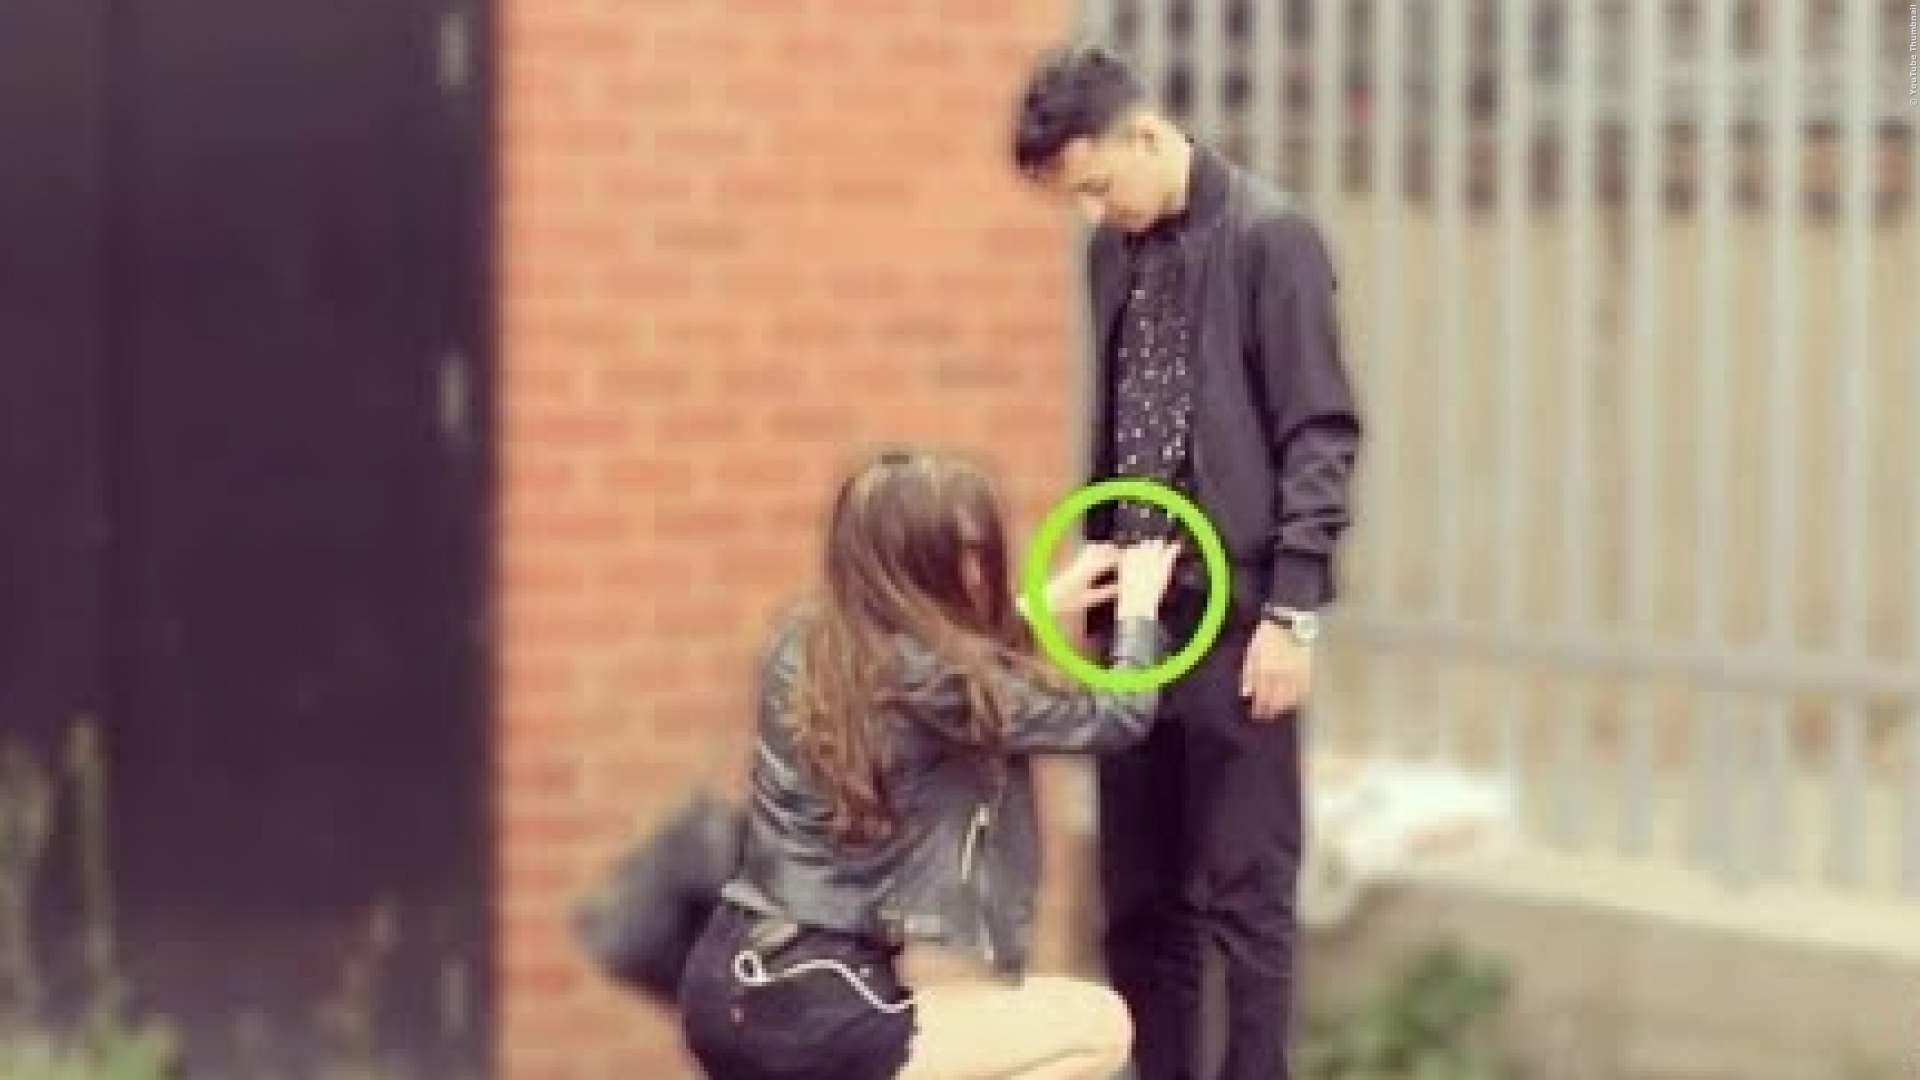 UNFASSBAR: Das würden einige Frauen für Geld tun - Video-Experiment entlarvt sie